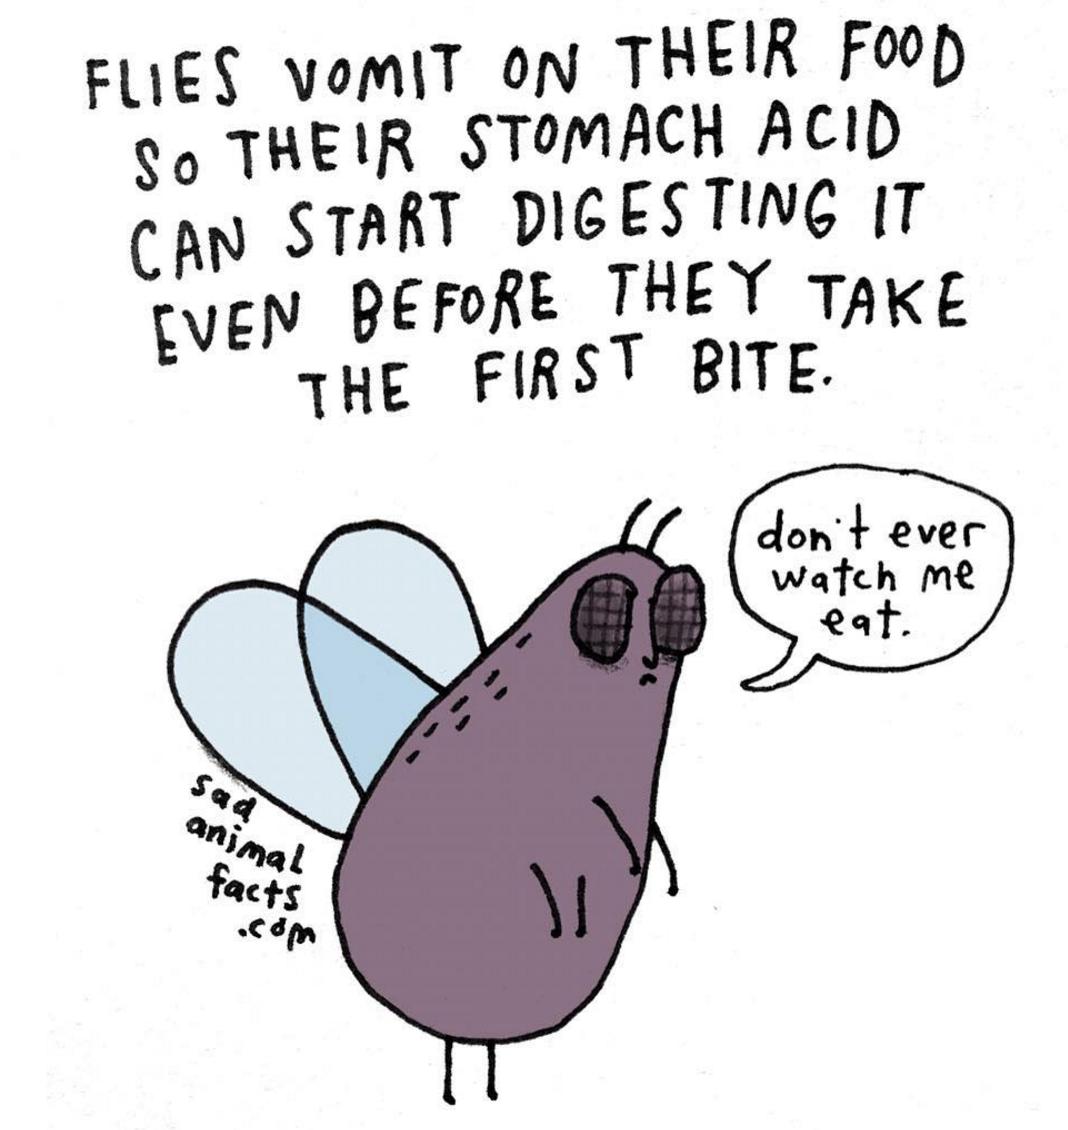 Fly vomit drop